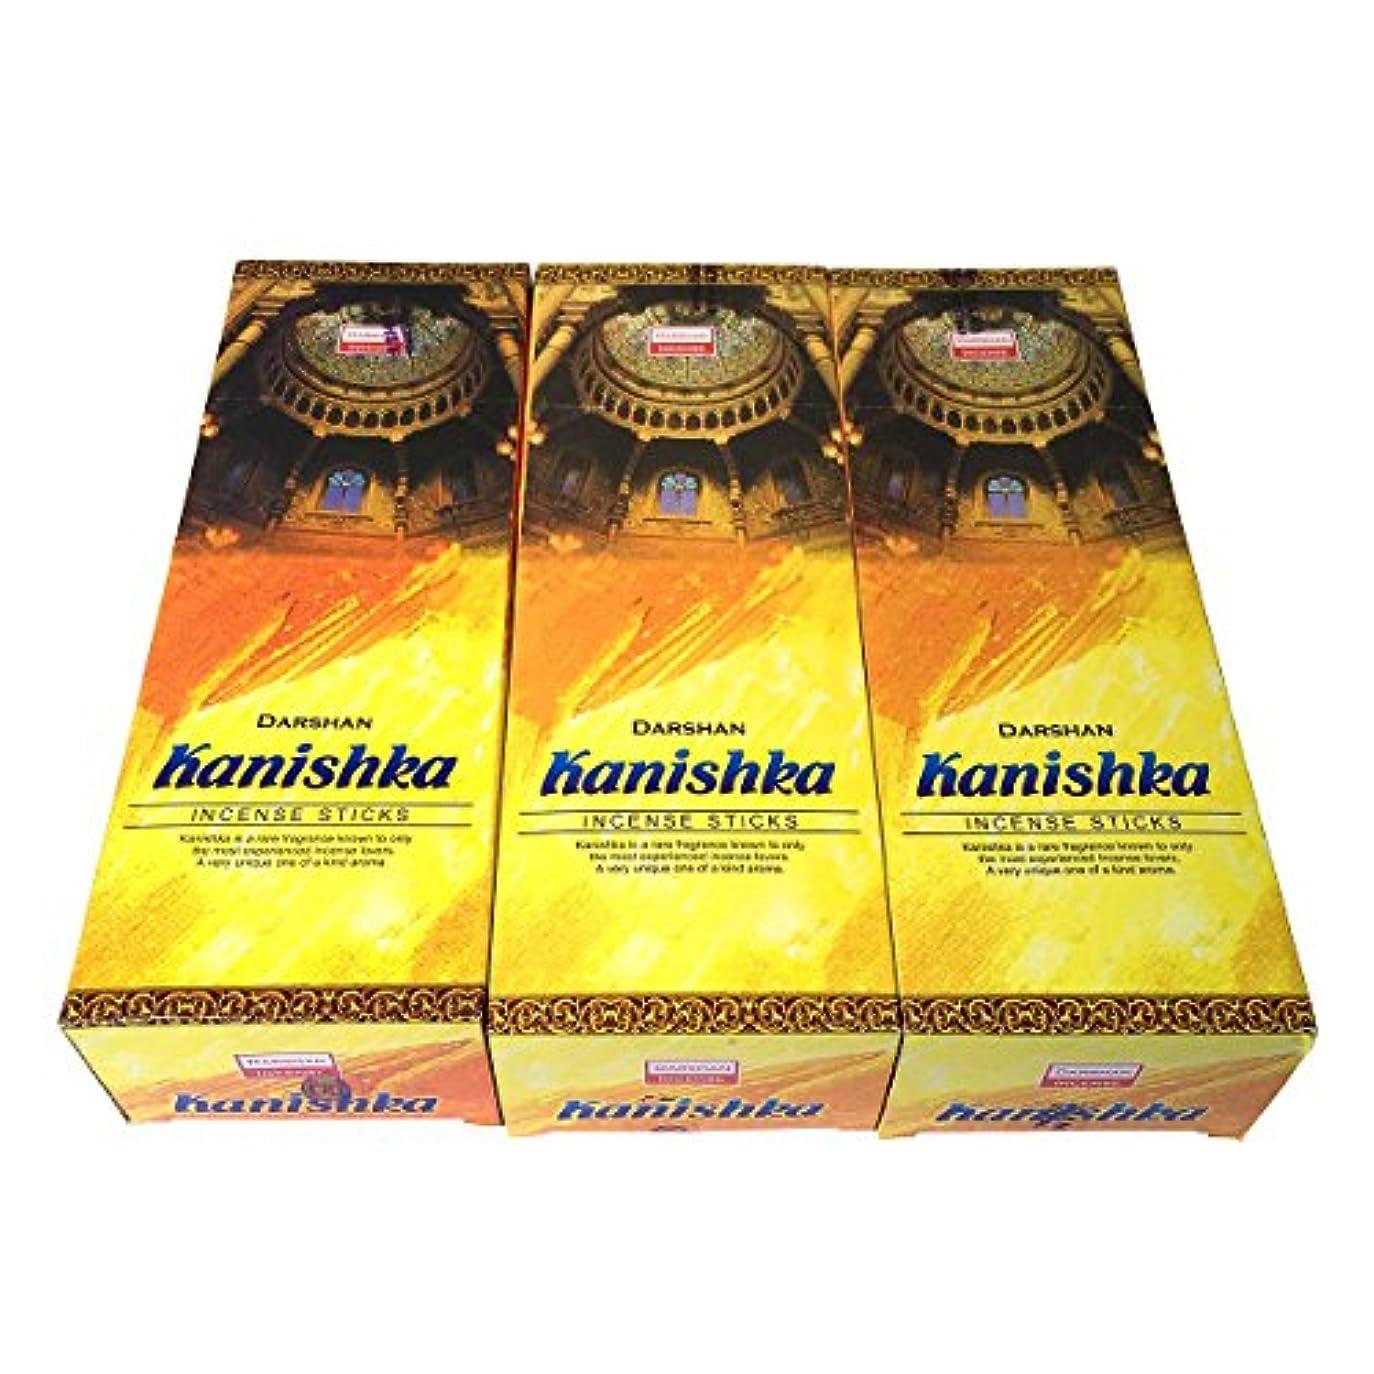 黒プラットフォーム今日カニシュカ香スティック 3BOX(18箱) /DARSHAN KANISHKA/インセンス/インド香 お香 [並行輸入品]